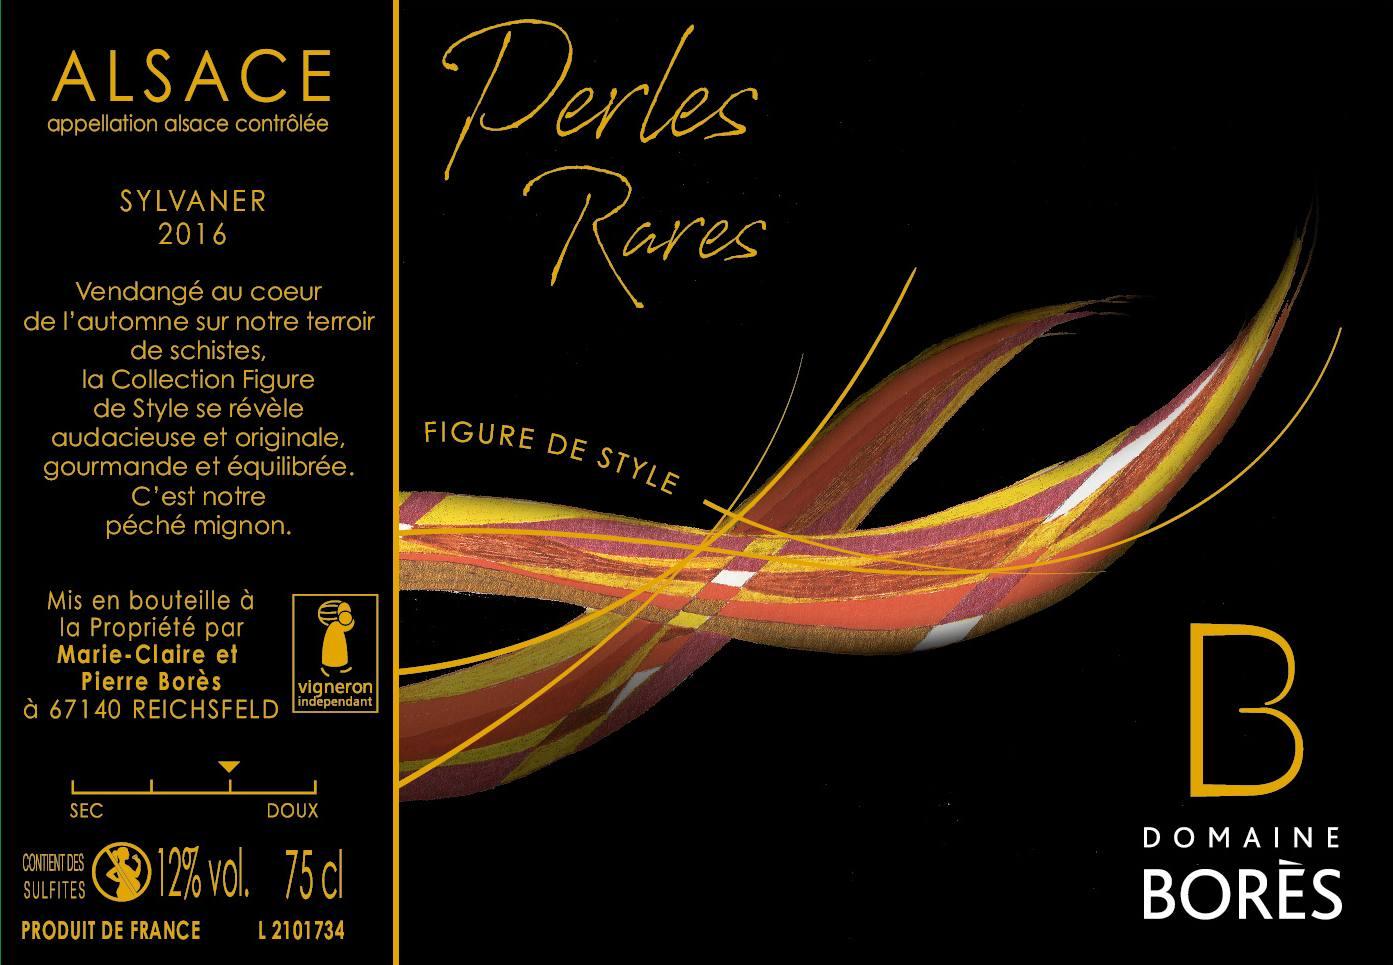 Étiquette vin Alsace Sylvaner Perles Rares 2016 domaine borès